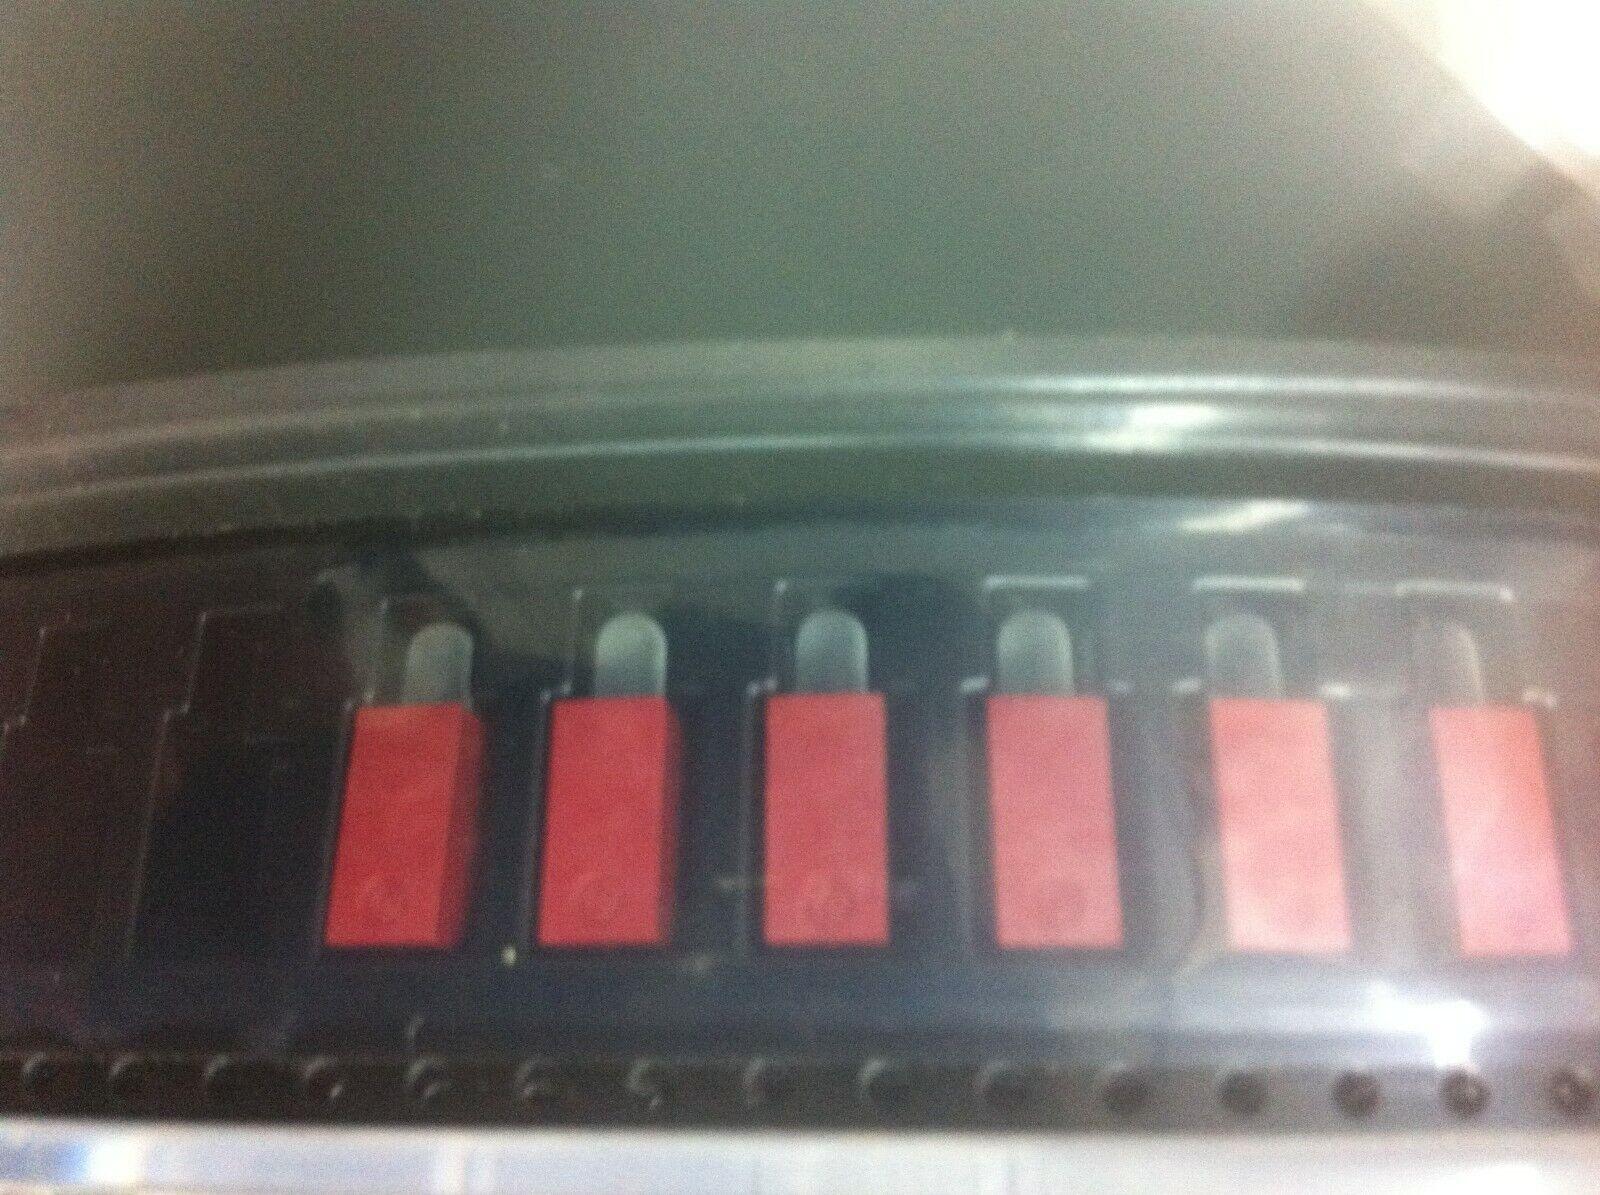 Lot of 200 pcs LEDs LiteOn LTL1CHJETNN LED  3MM HI EFF RED TRANSP TH